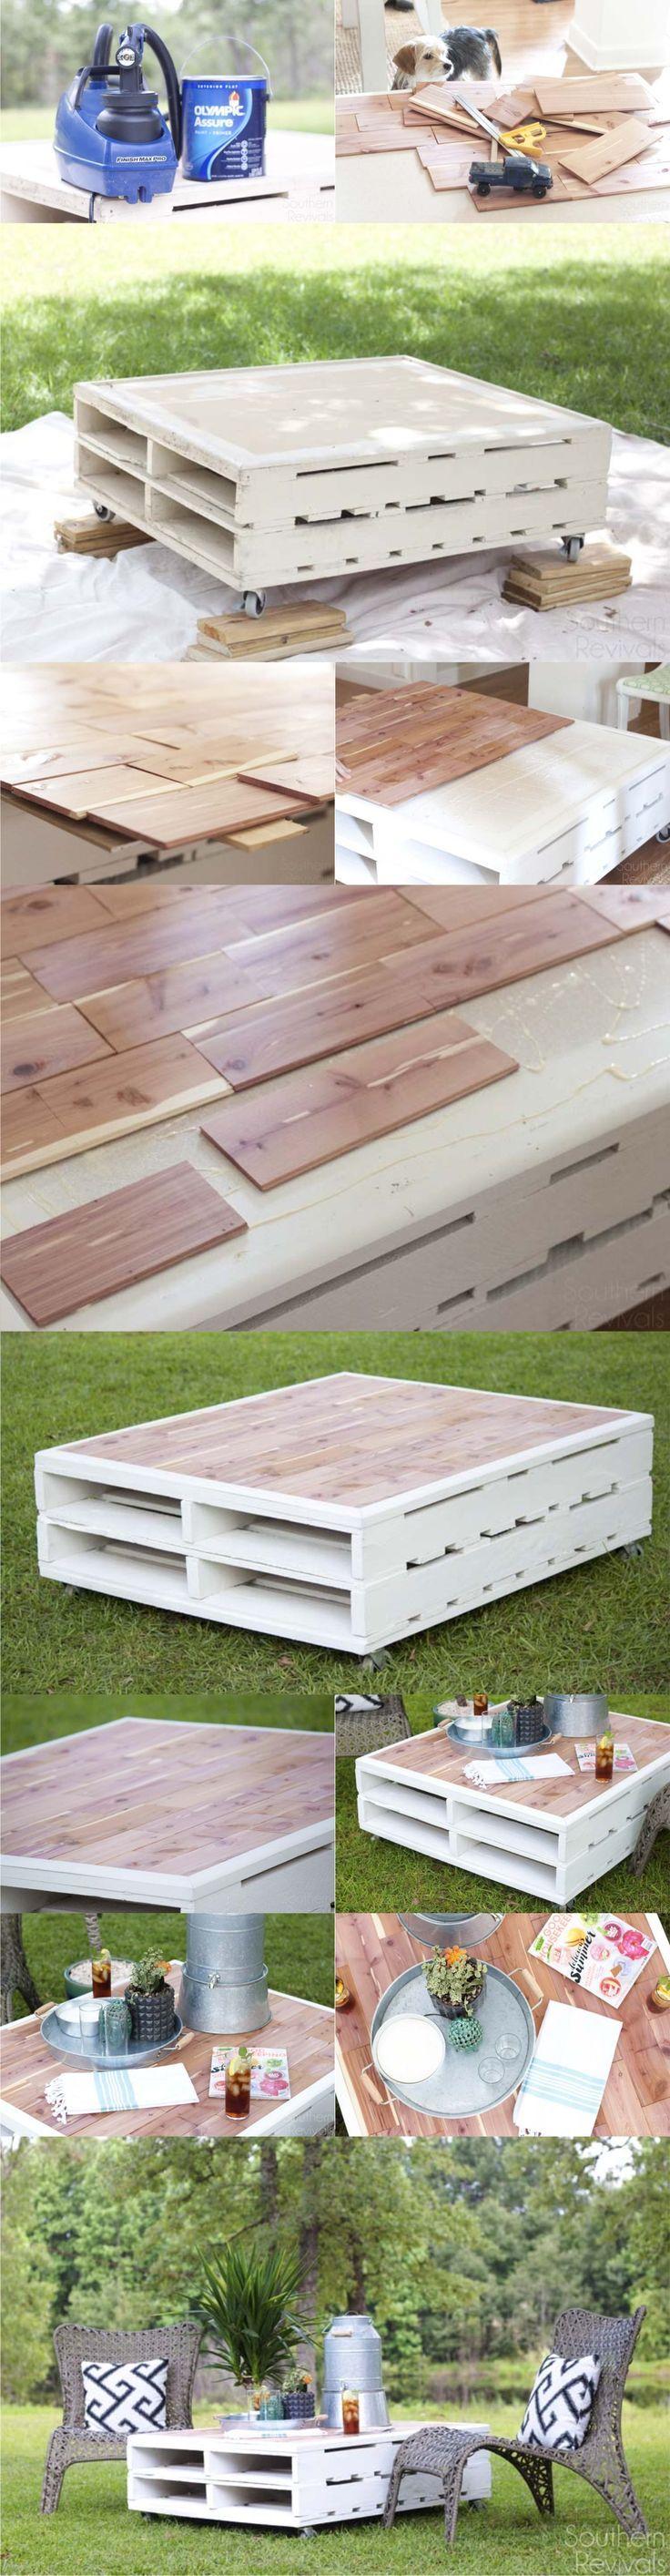 Mesa DIY con palés y laminados                                                                                                                                                                                 Más